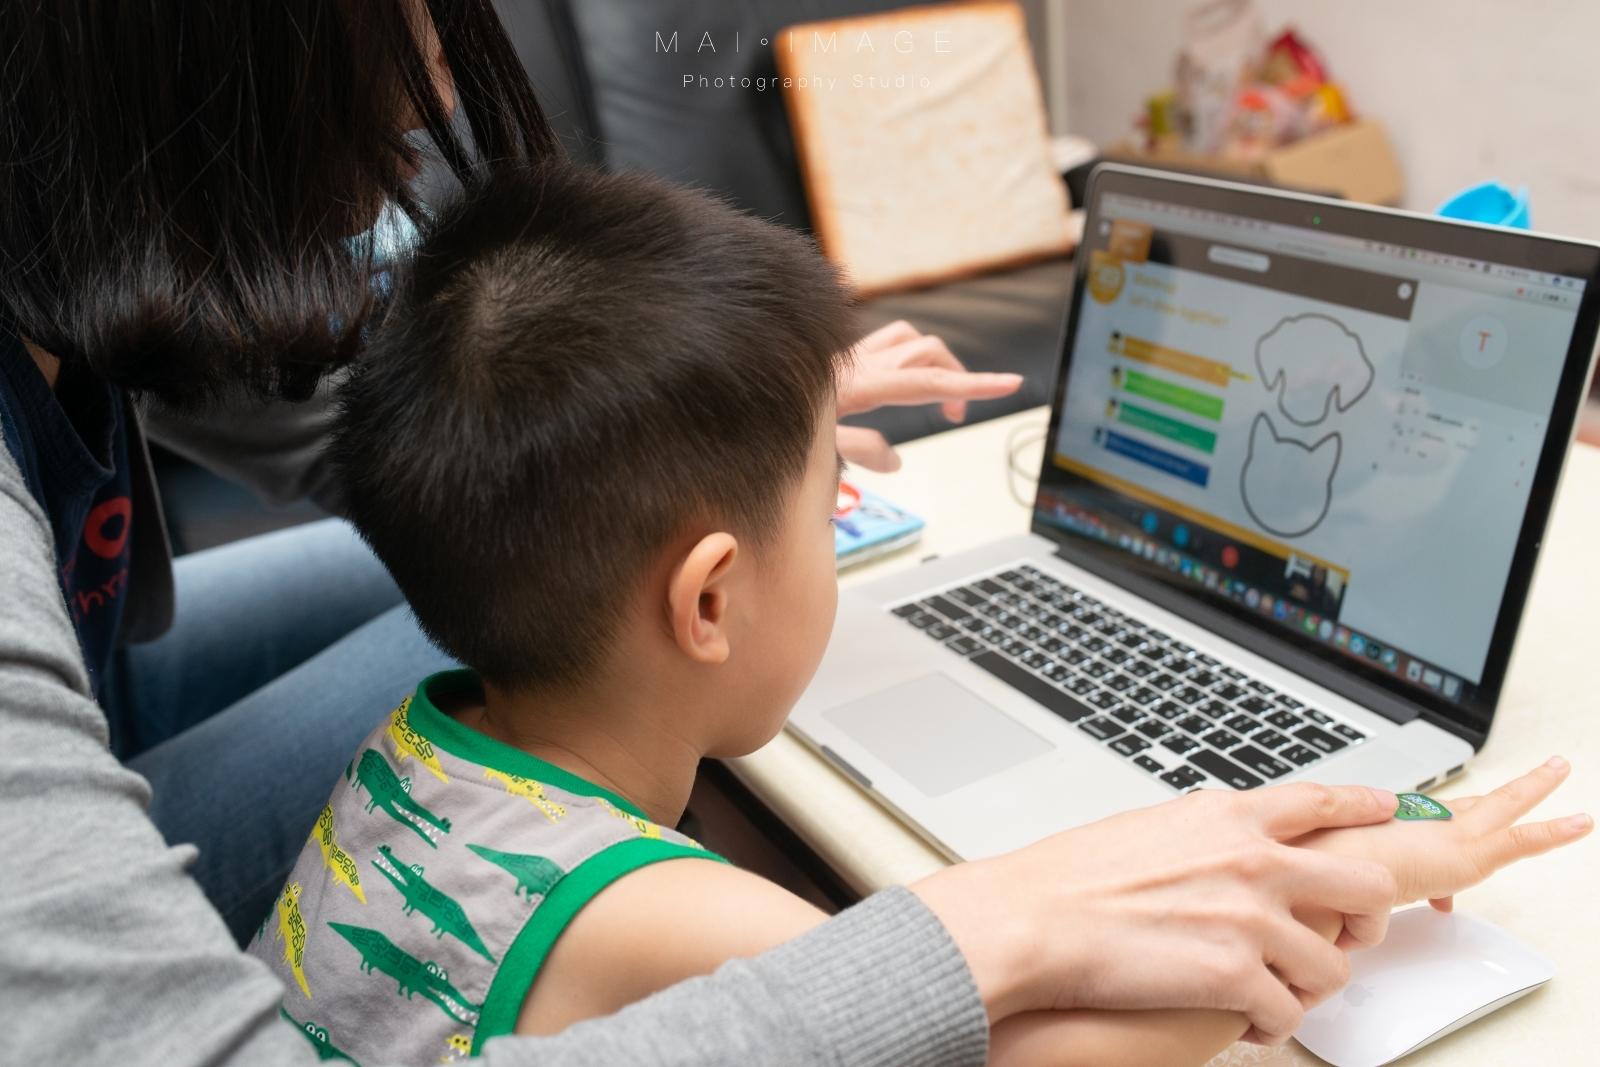 與英美小學同步的學習教材~『Etalking Kids兒童線上英語』一對一25分鐘高度個人化學習,父母放心小孩開心|2020兒童線上英語推薦